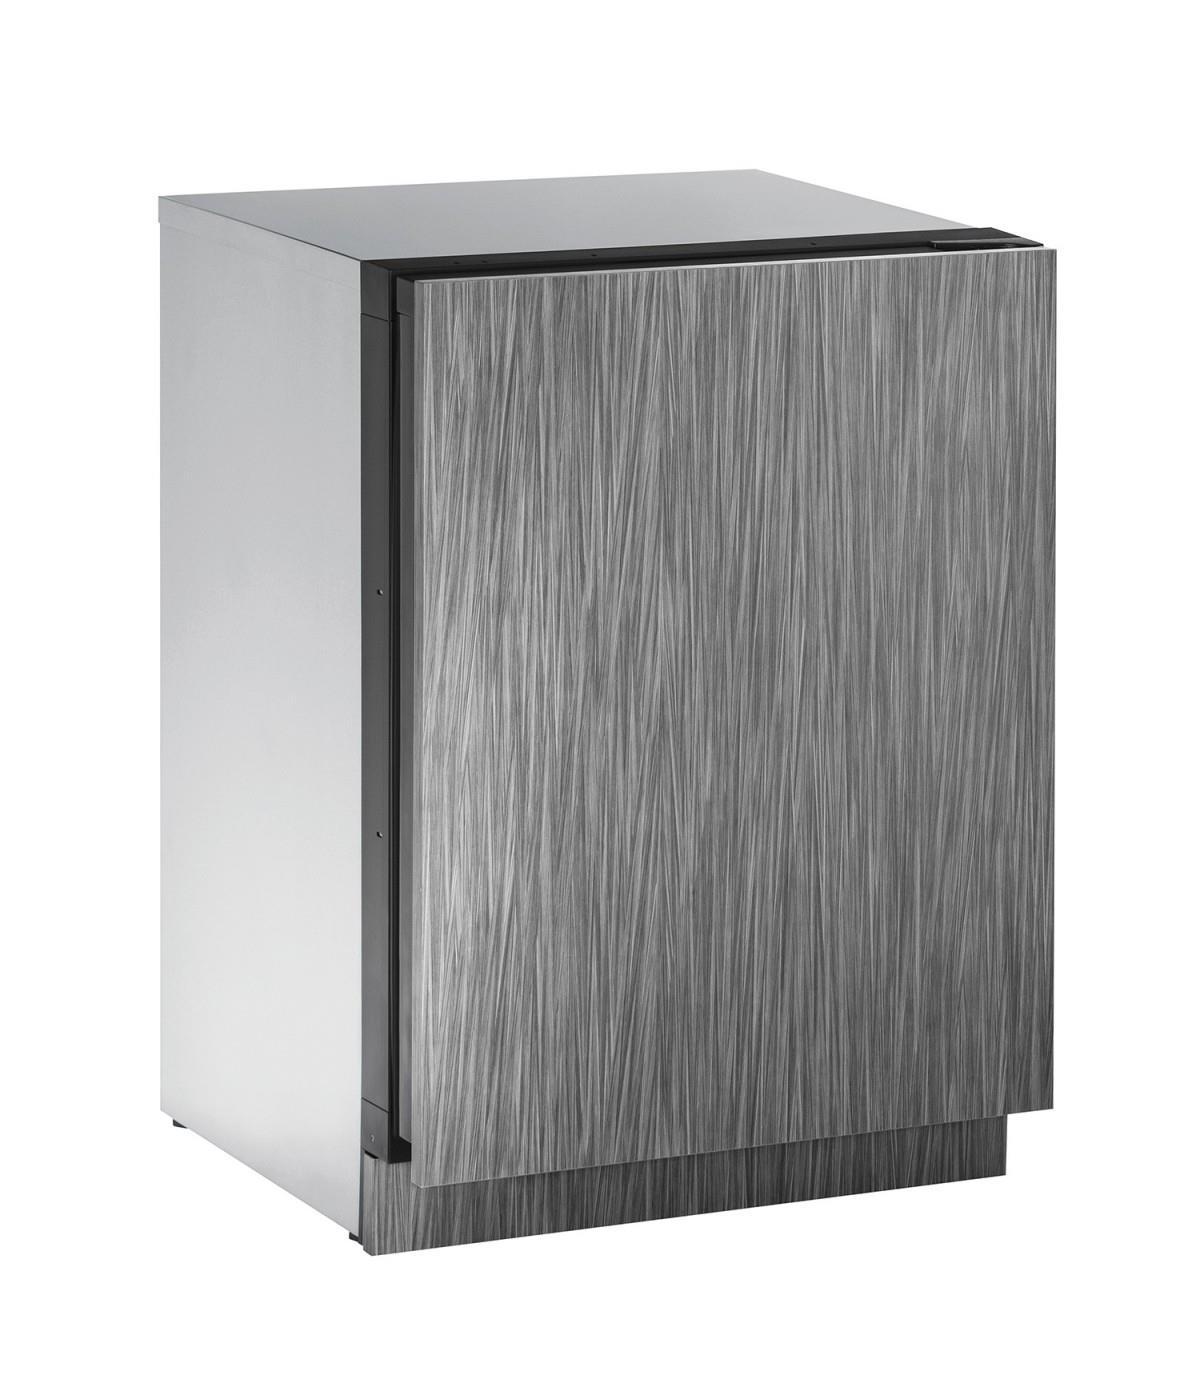 U-Line Refrigerators 4.9 Cu. Ft. 2000 Series Compact Refrigerator - Item Number: U-2224RINT-01A